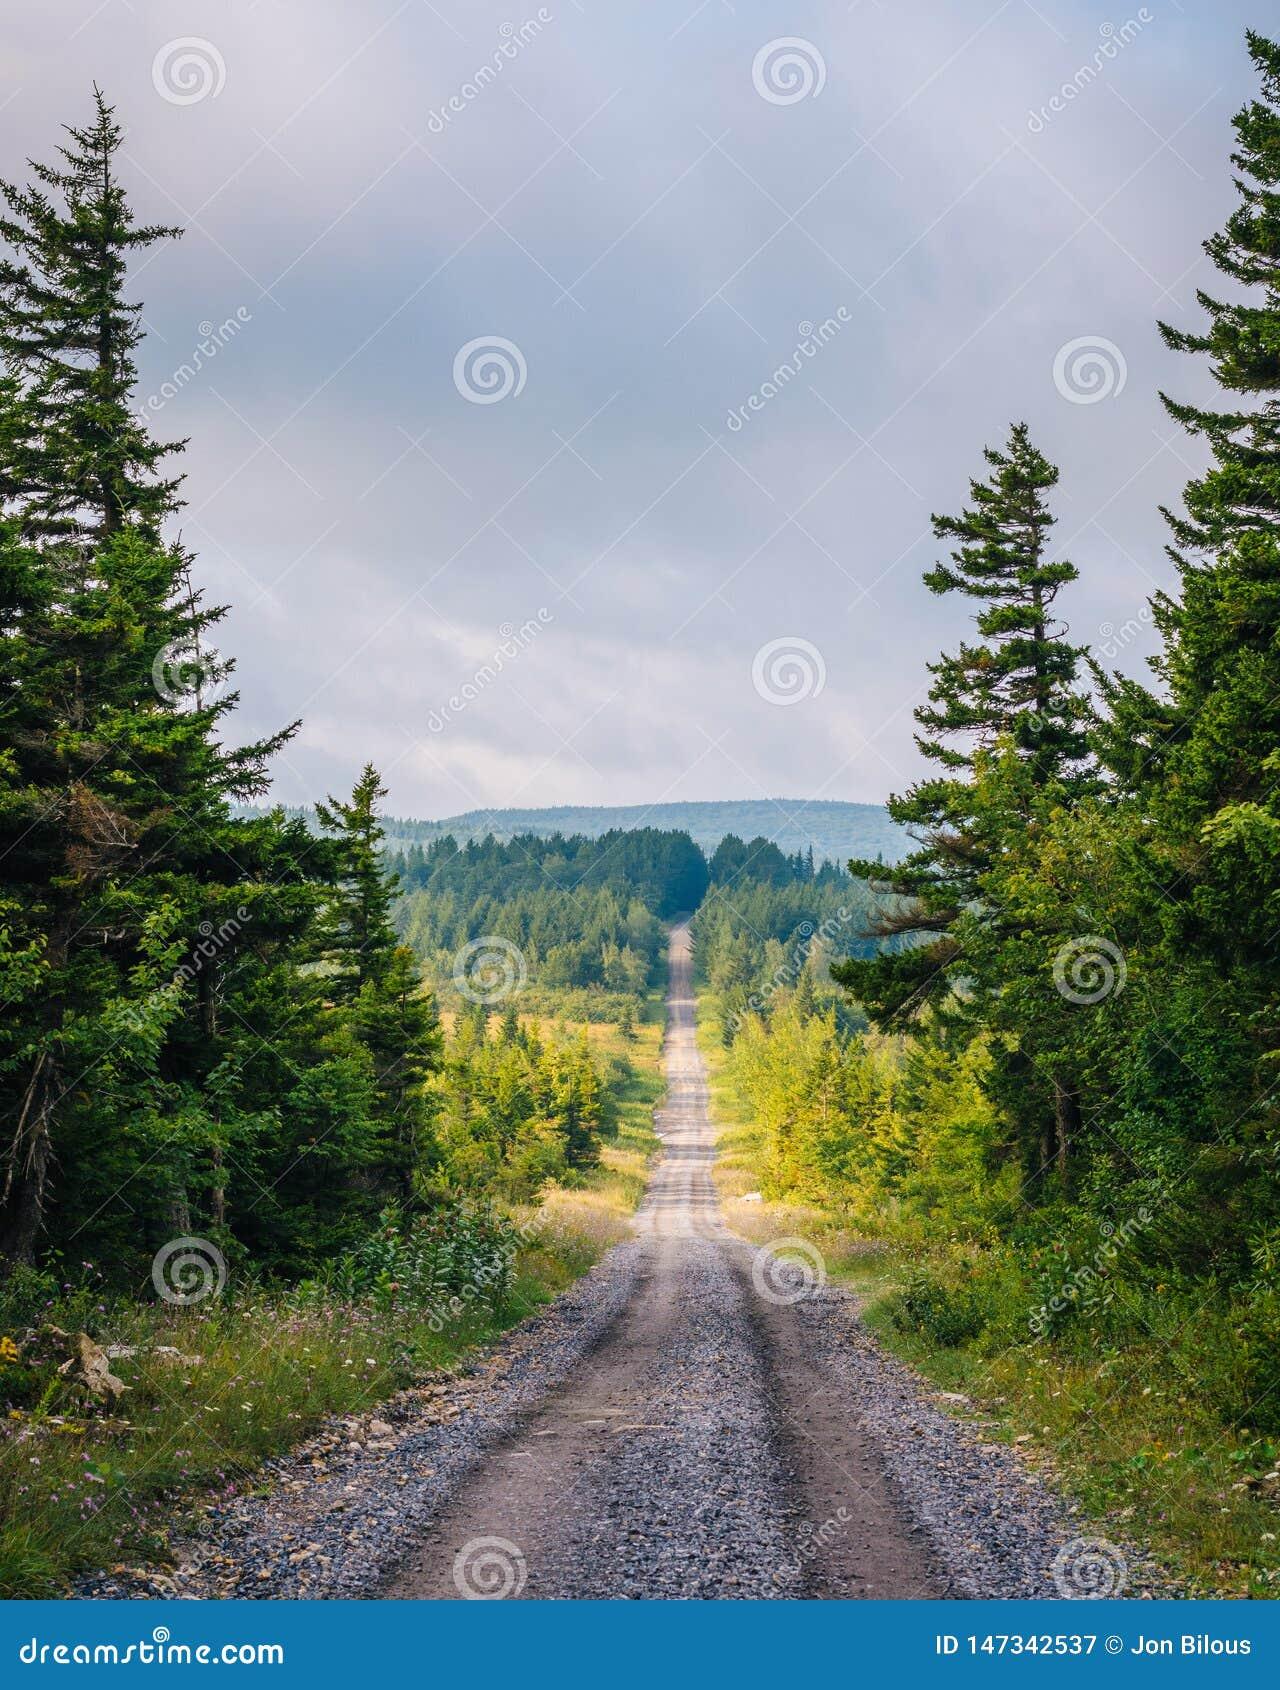 一条土路和松树在移动式摄影车草皮原野,Monongahela国家森林,西维吉尼亚